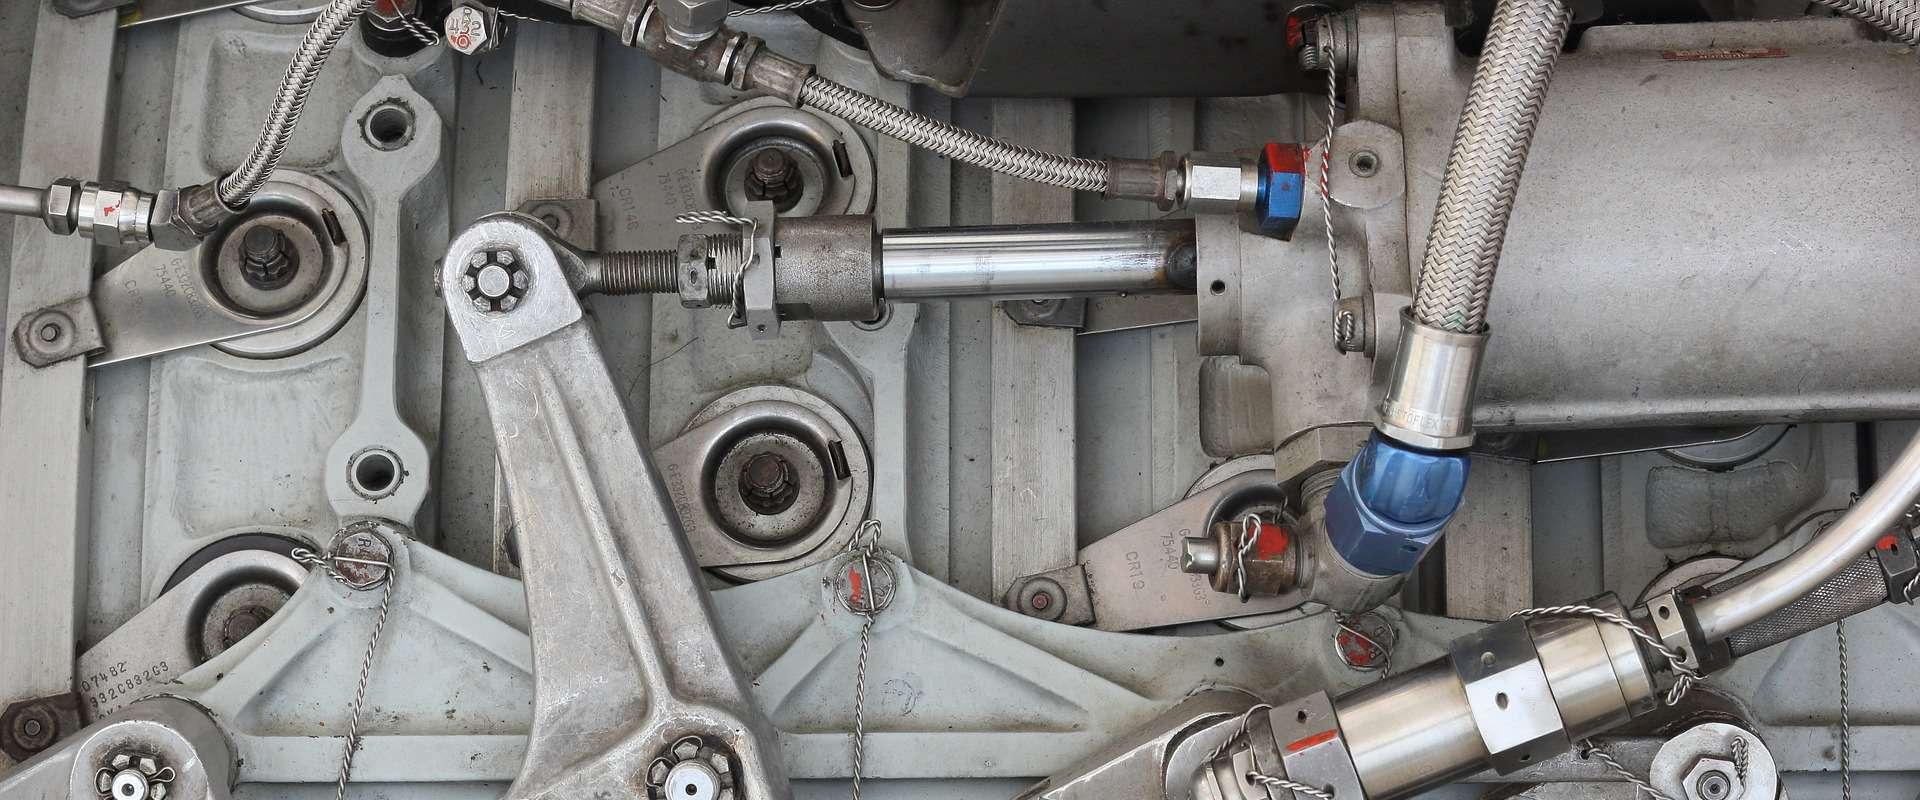 Deltacom - nabídka hydraulických agregátů